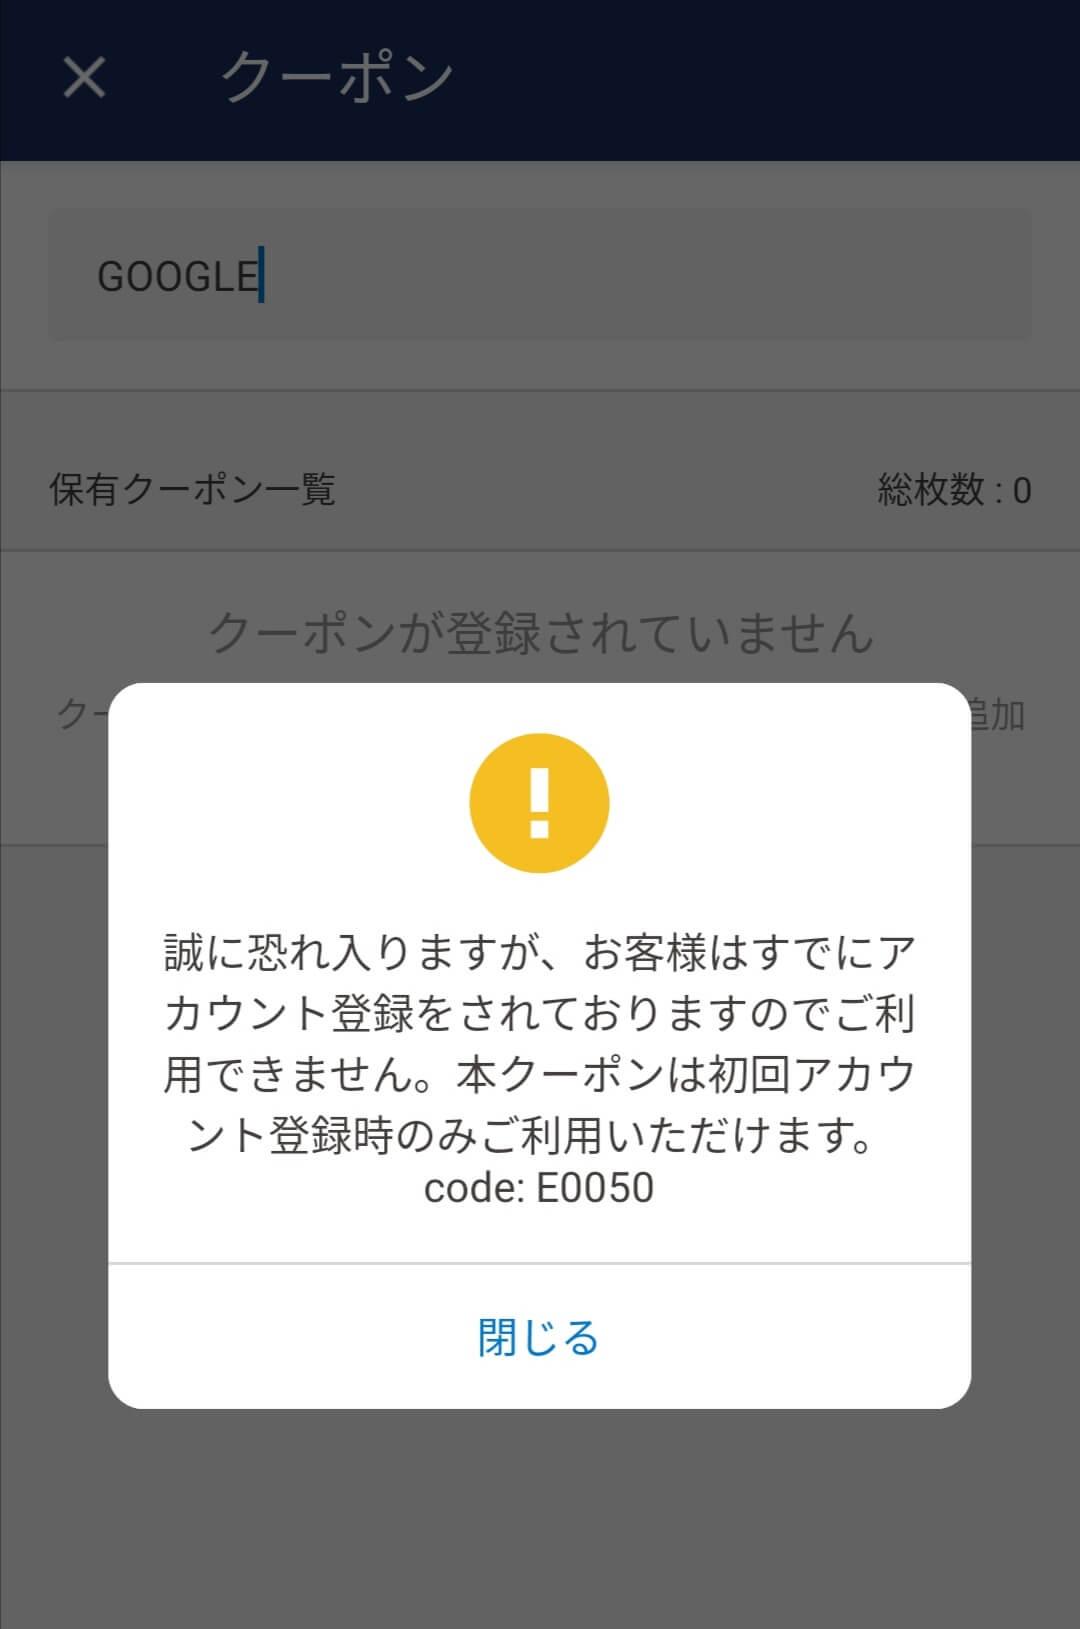 JapanTaxi(ジャパンタクシー)500円Googleクーポンコード|お客様はすでにアカウント登録をされておりますのでご利用できません。本クーポンは初回アカウント登録時のみご利用いただけます。code:E0050